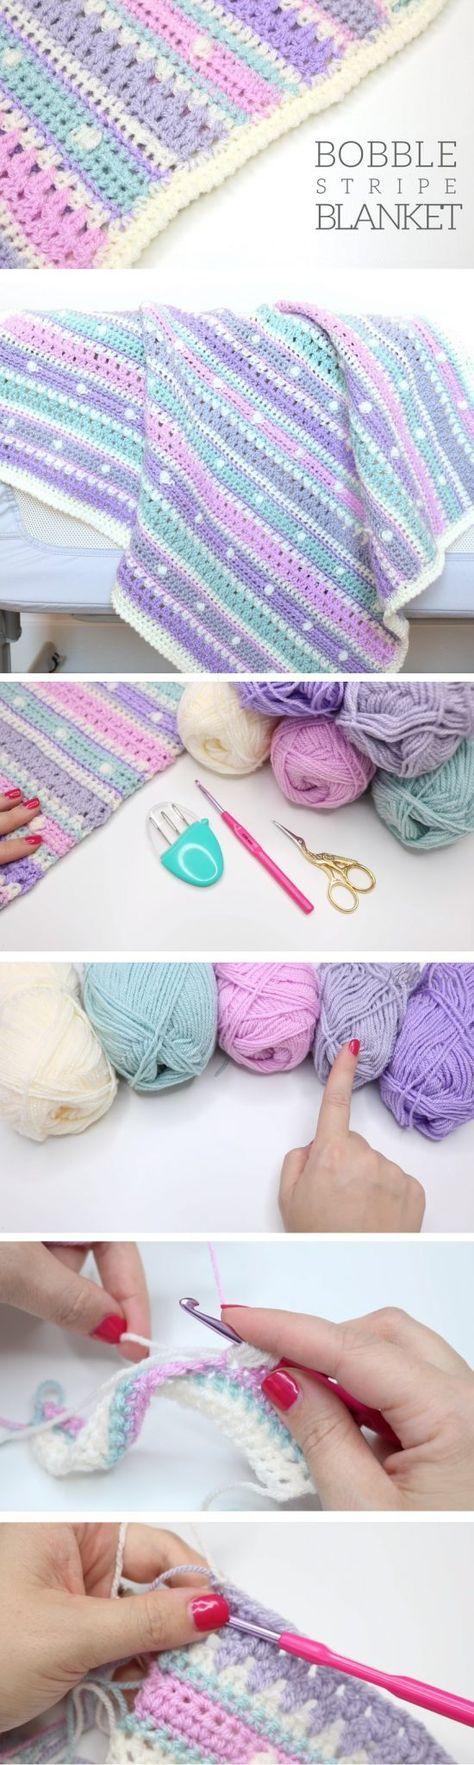 Bobble Stripe Blanket - best free crochet blanket patterns - www.feedourlife.blog